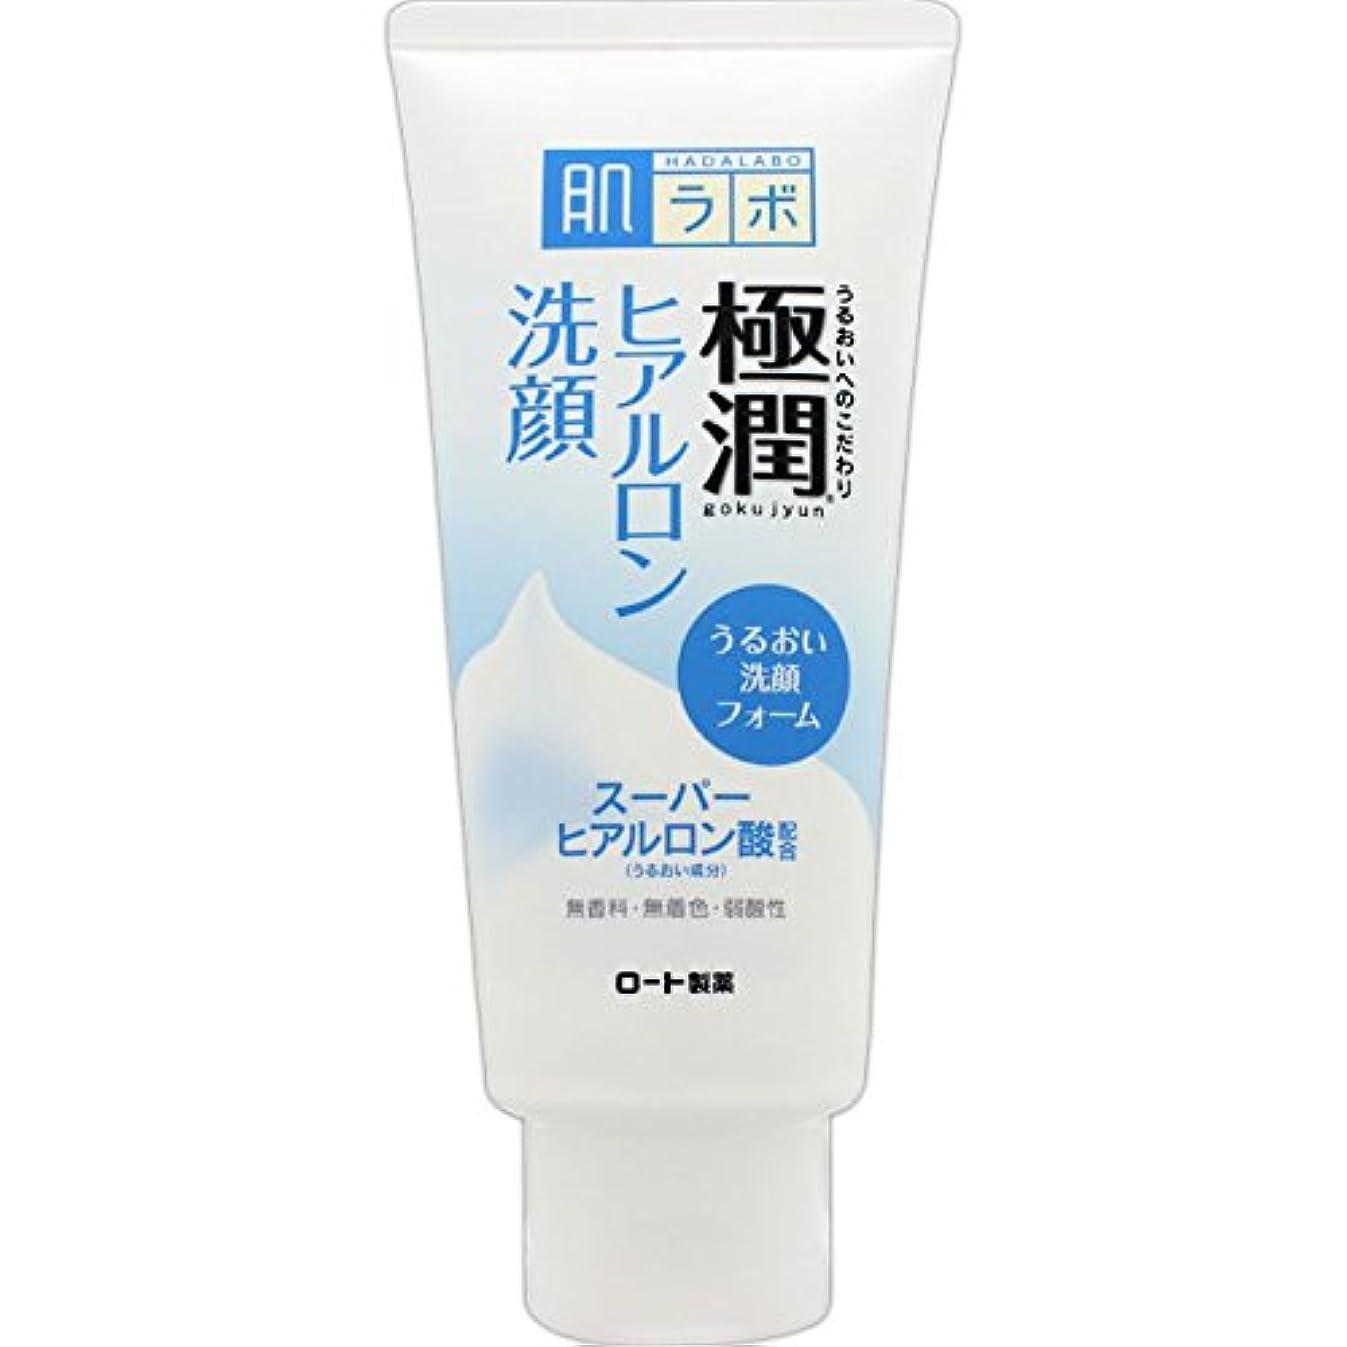 霧咳ハード肌ラボ 極潤 ヒアルロン洗顔フォーム スーパーヒアルロン酸&吸着型ヒアルロン酸をW配合 100g